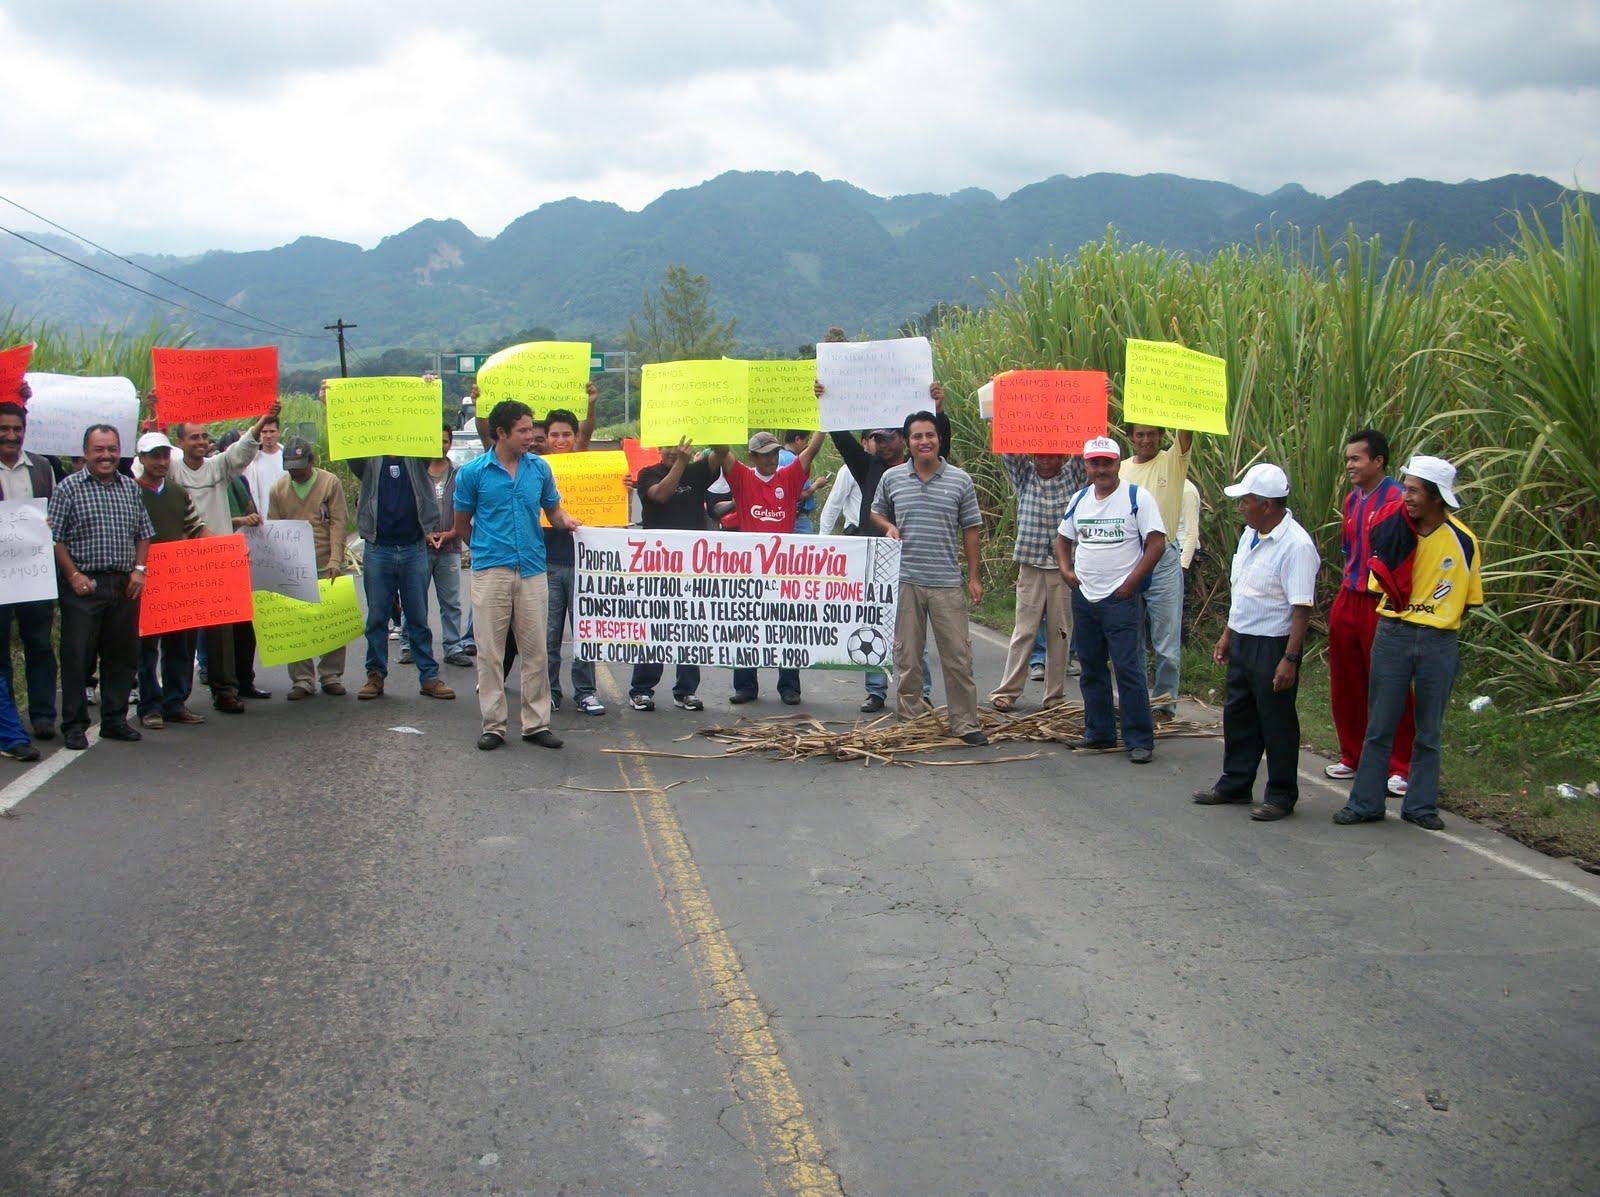 El imparcial deportistas bloquean carretera y toman for Oficinas del ayuntamiento